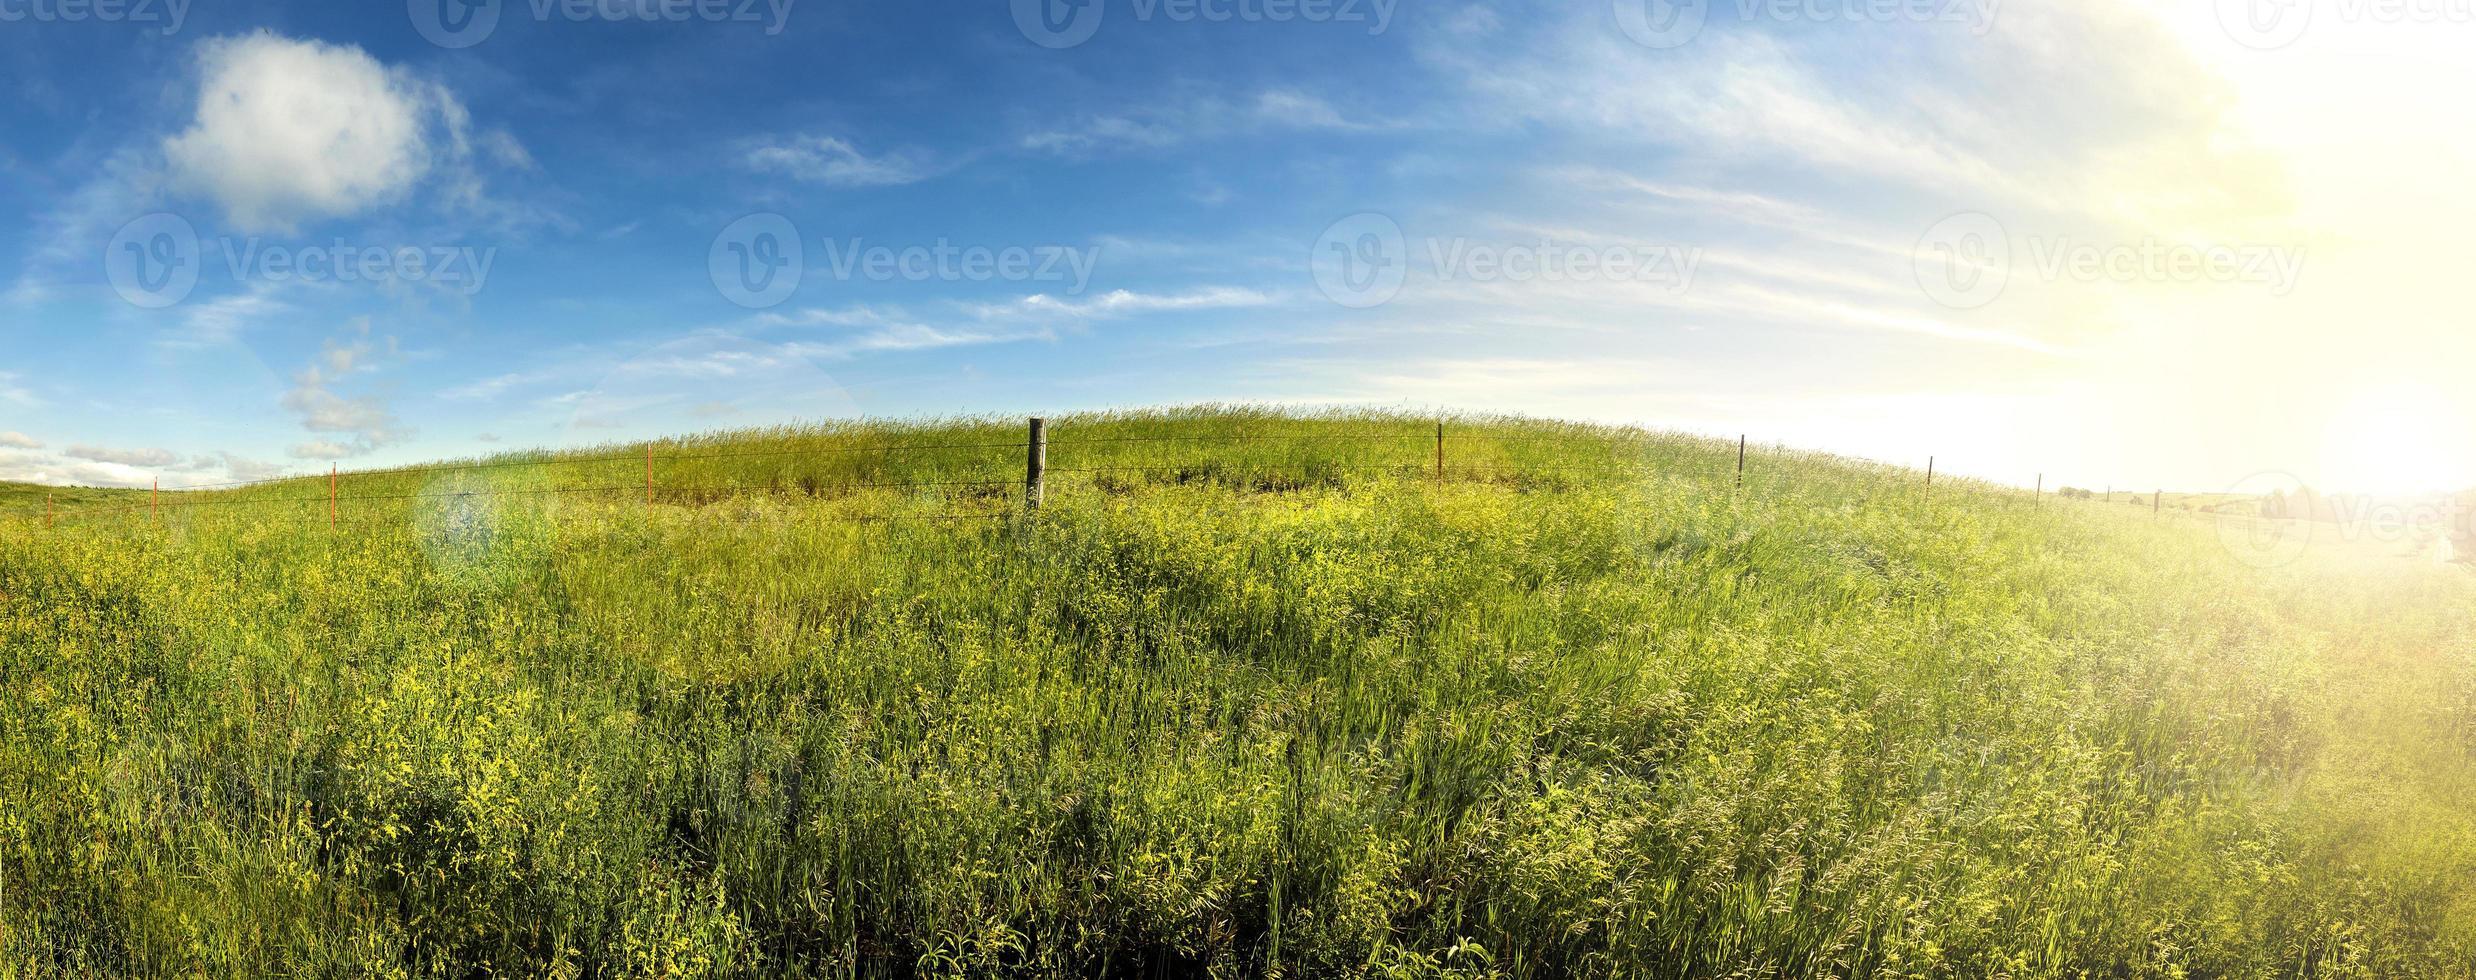 zomerdagen, zonsopgang op grasland in Zuid-Dakota. foto